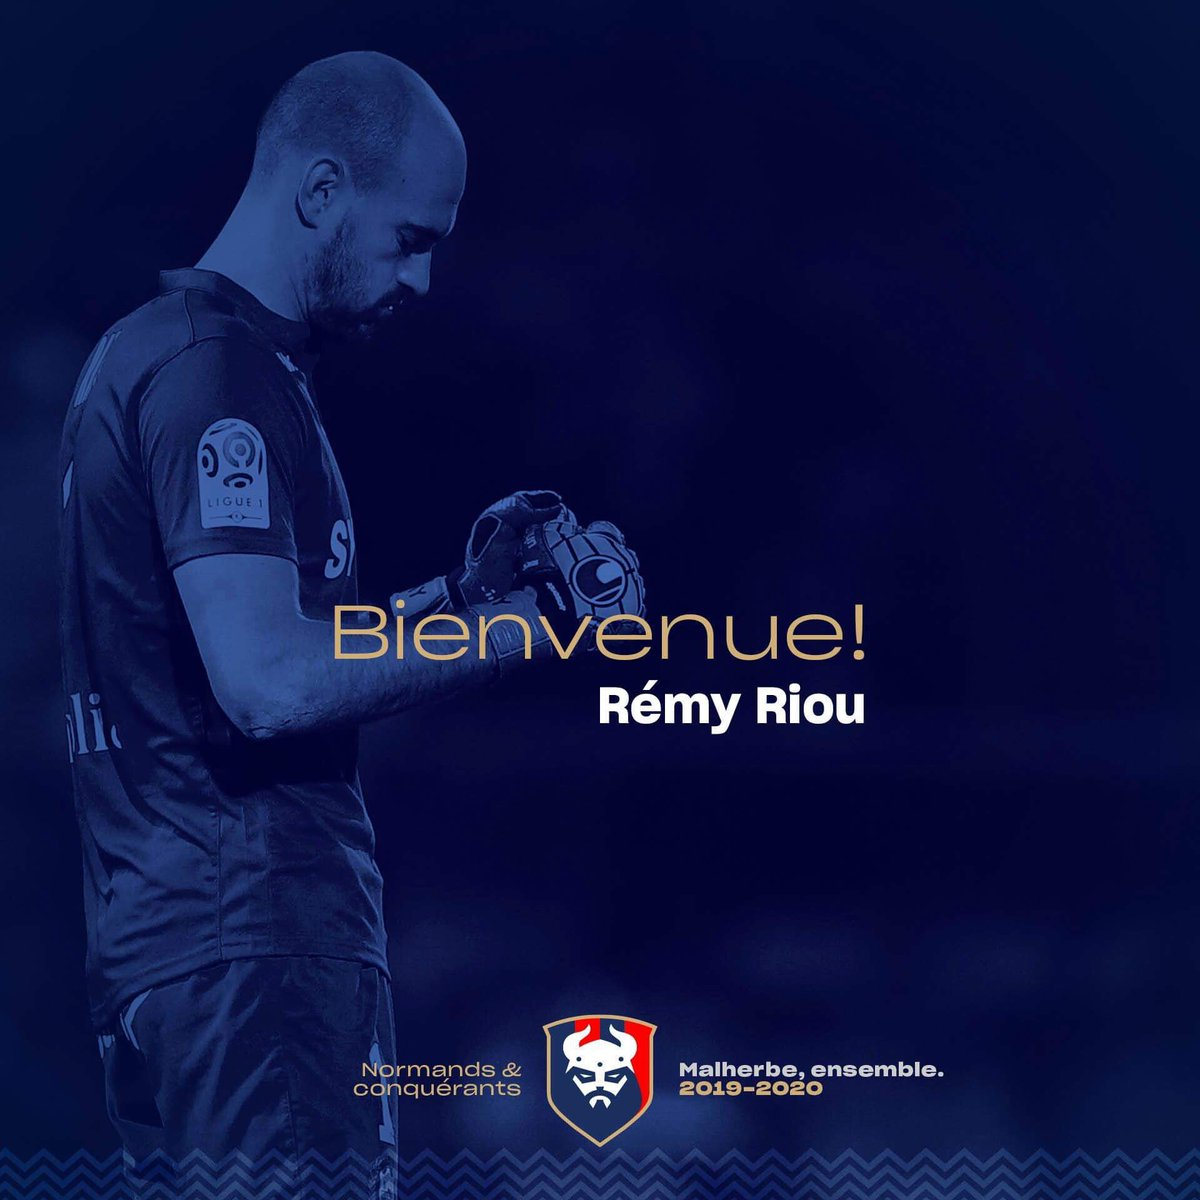 Rémy Riou